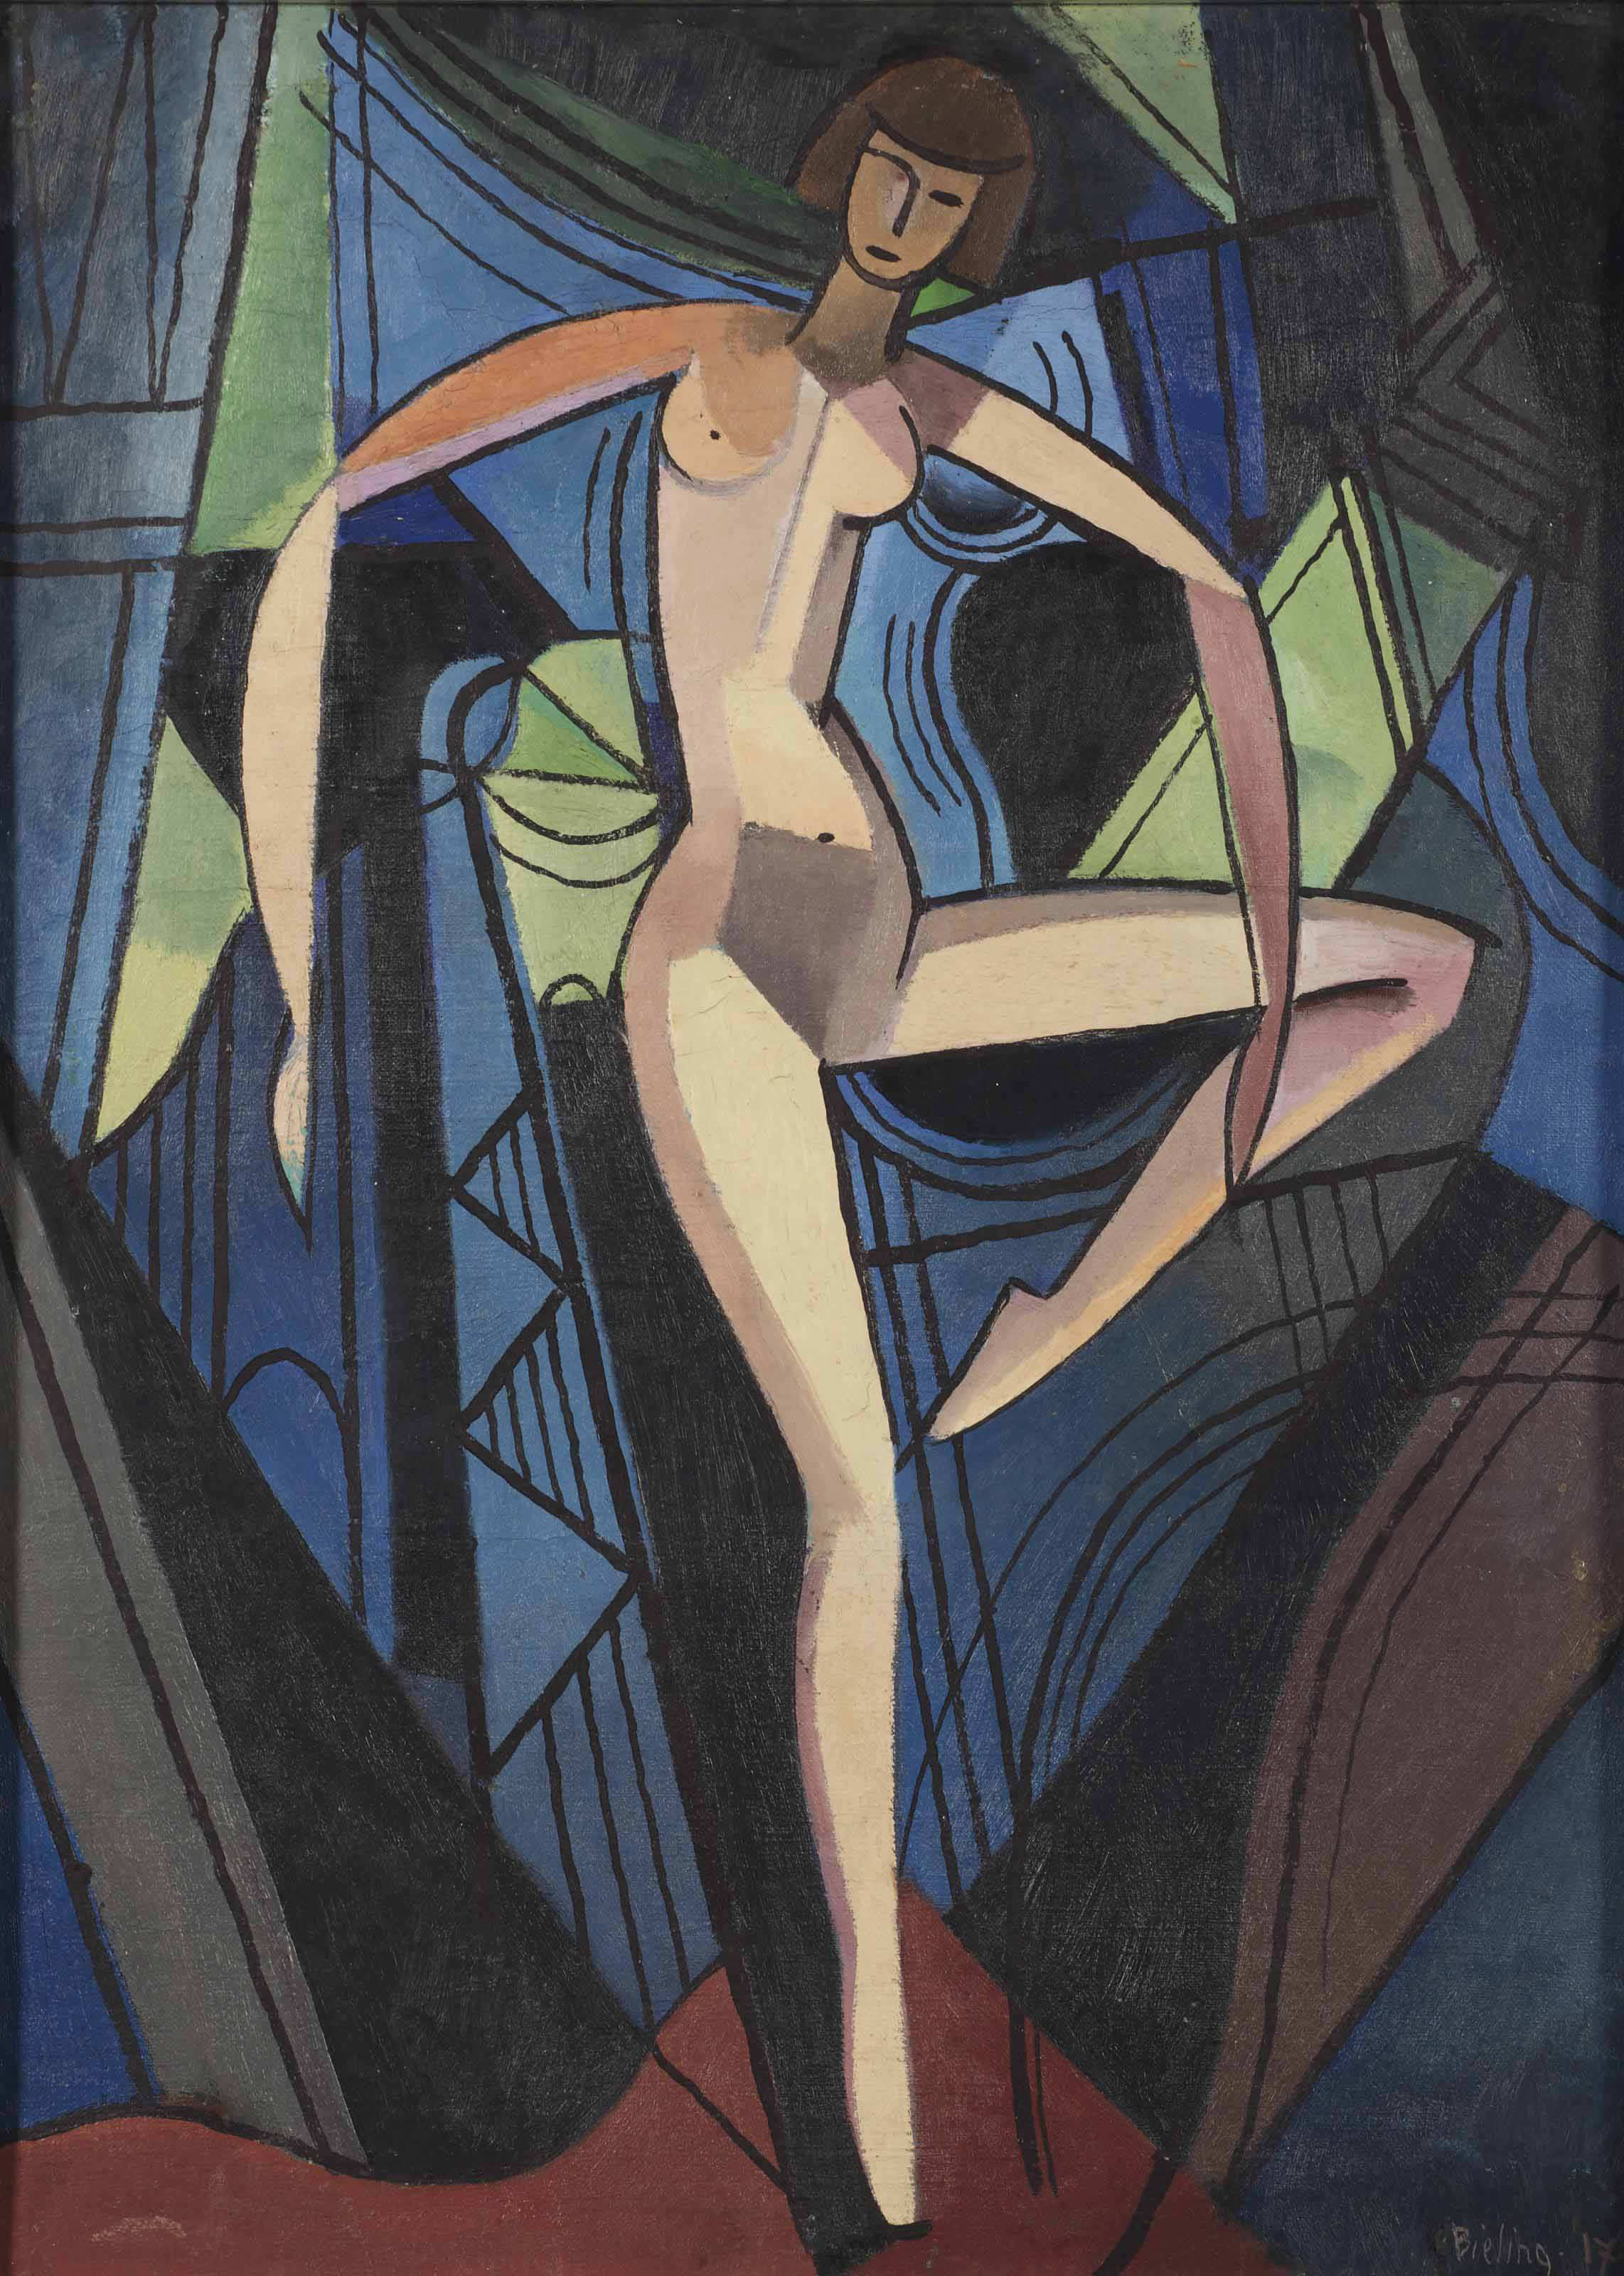 A dancing nude